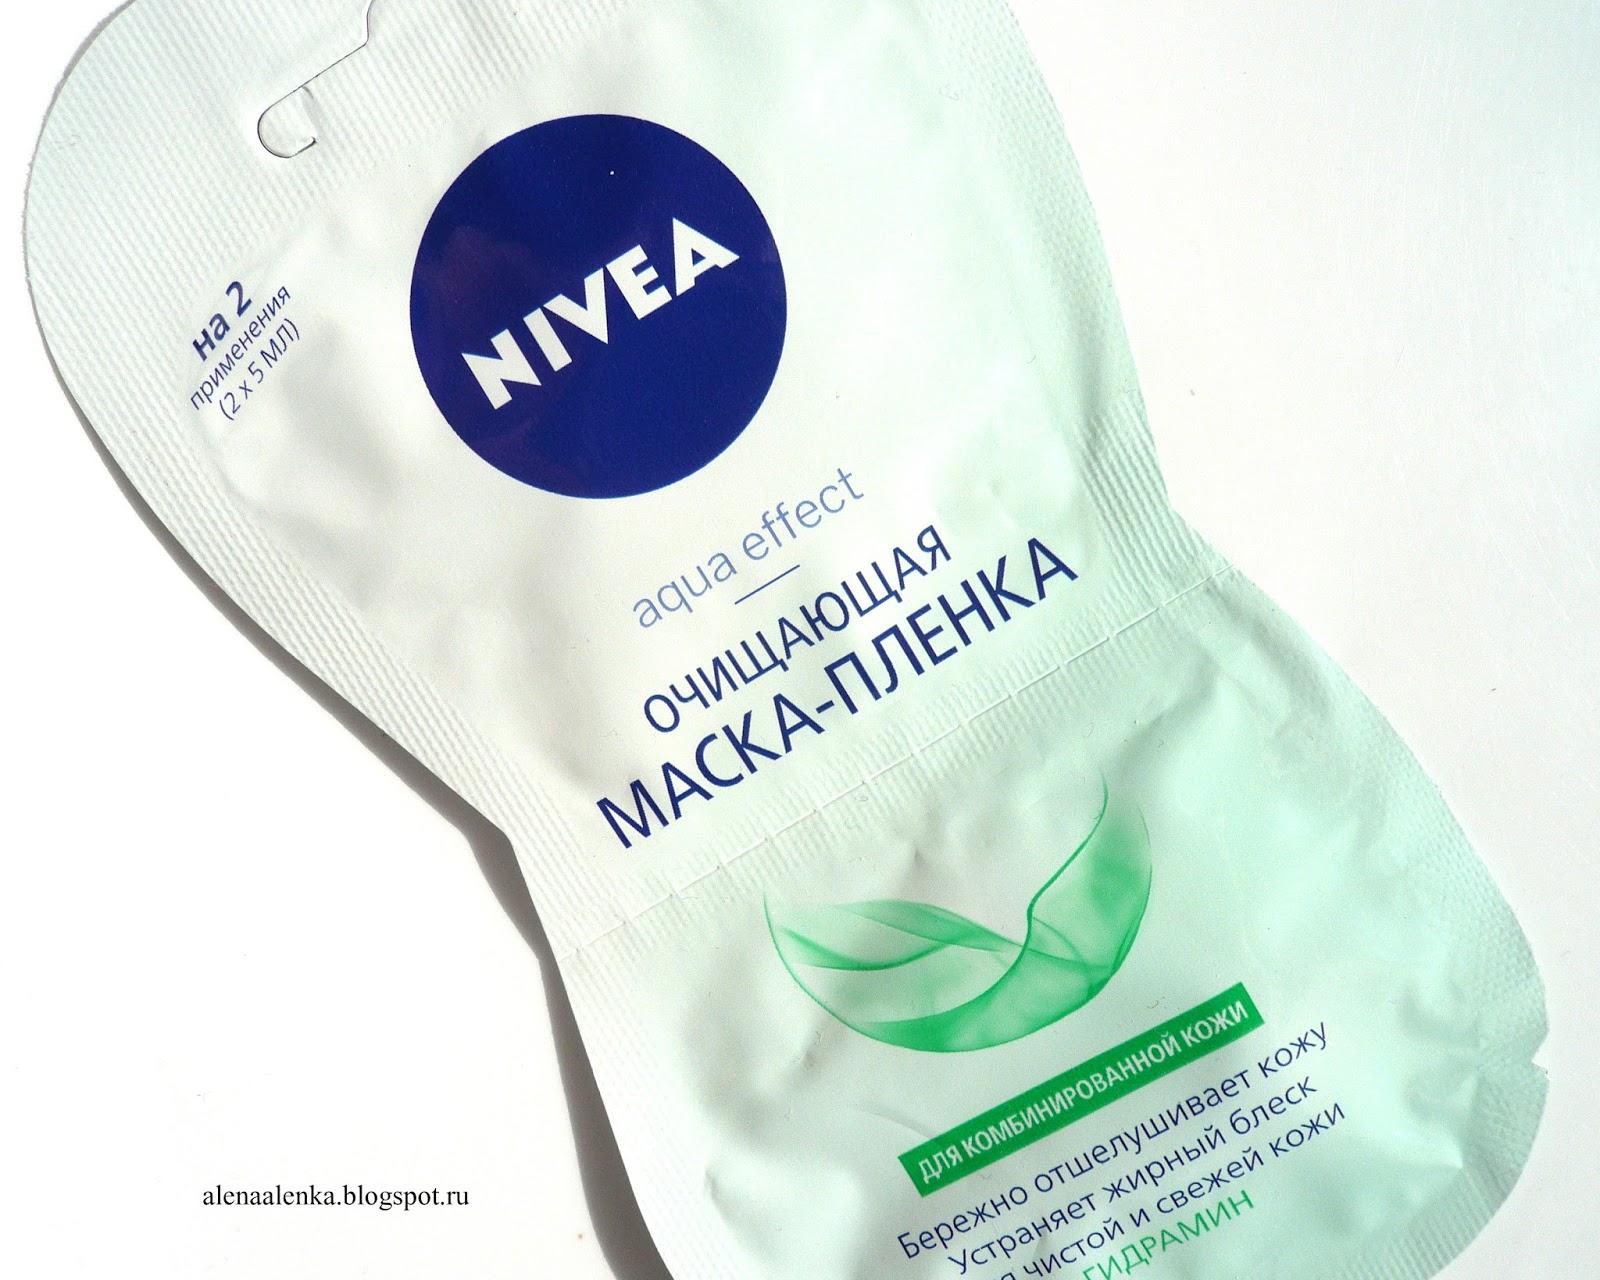 nivea маска для лица, маска-пленка, очищение от nivea